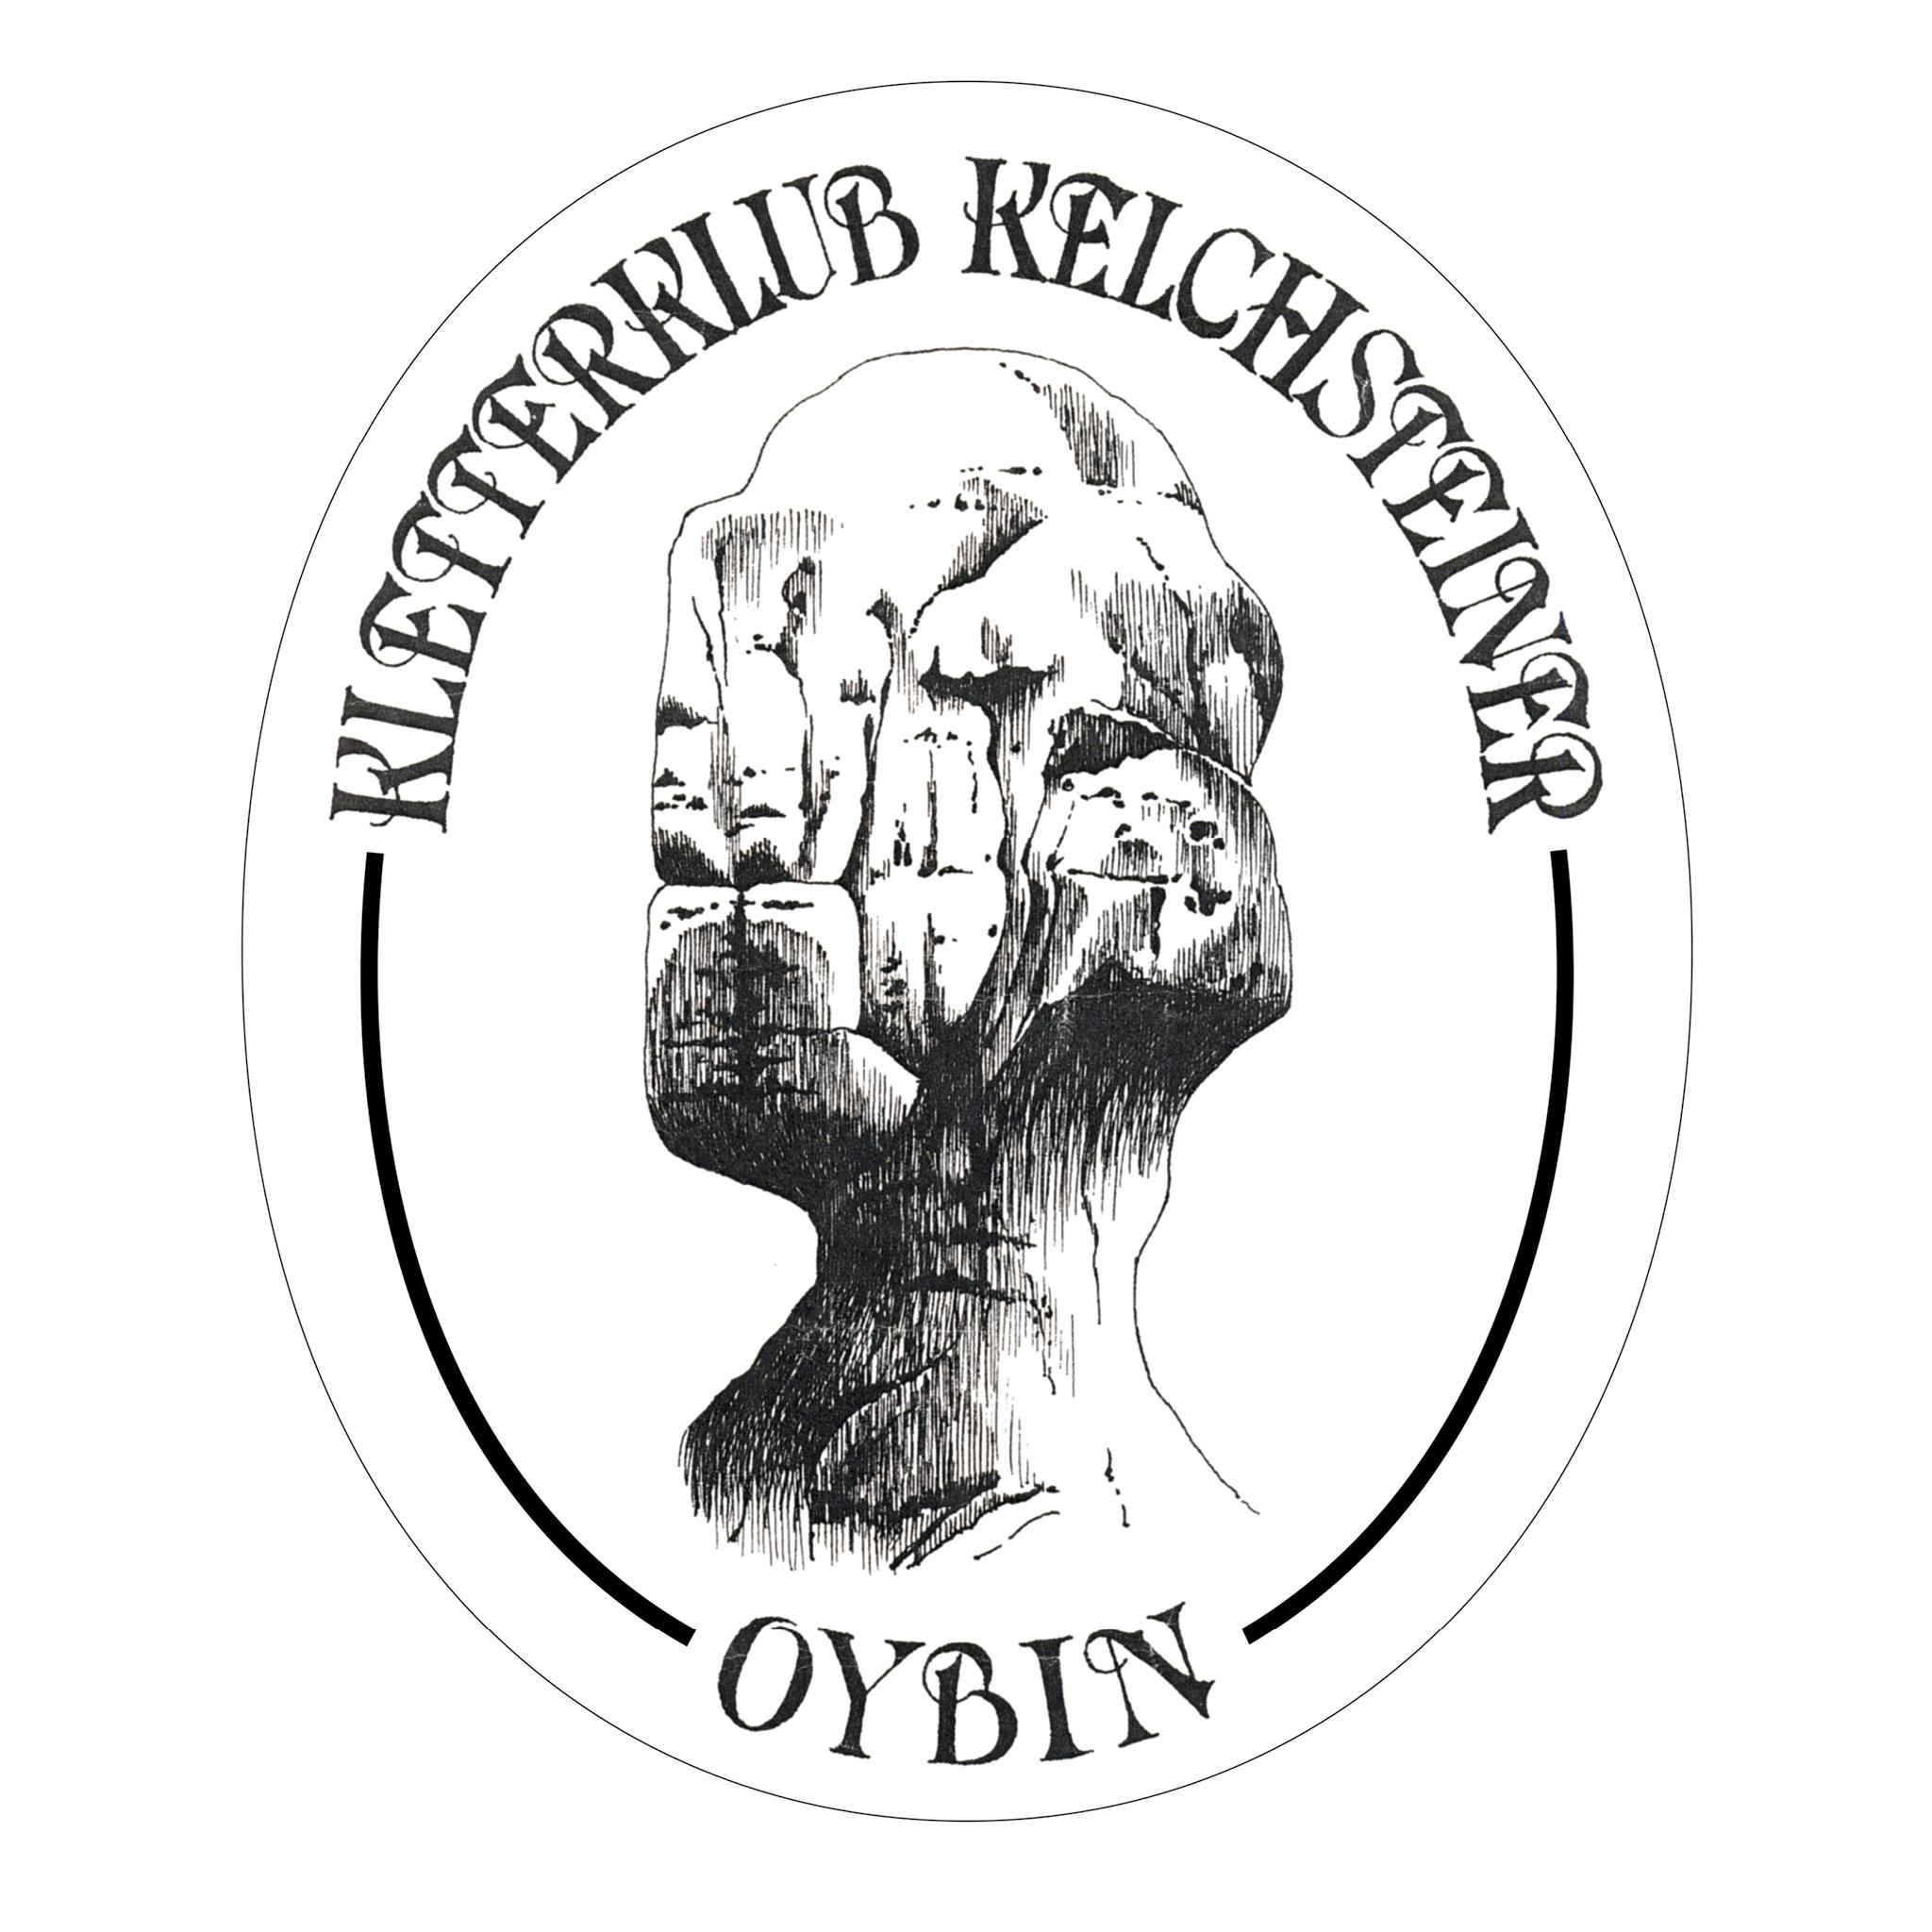 Kletterklub Kelchsteiner Oybin